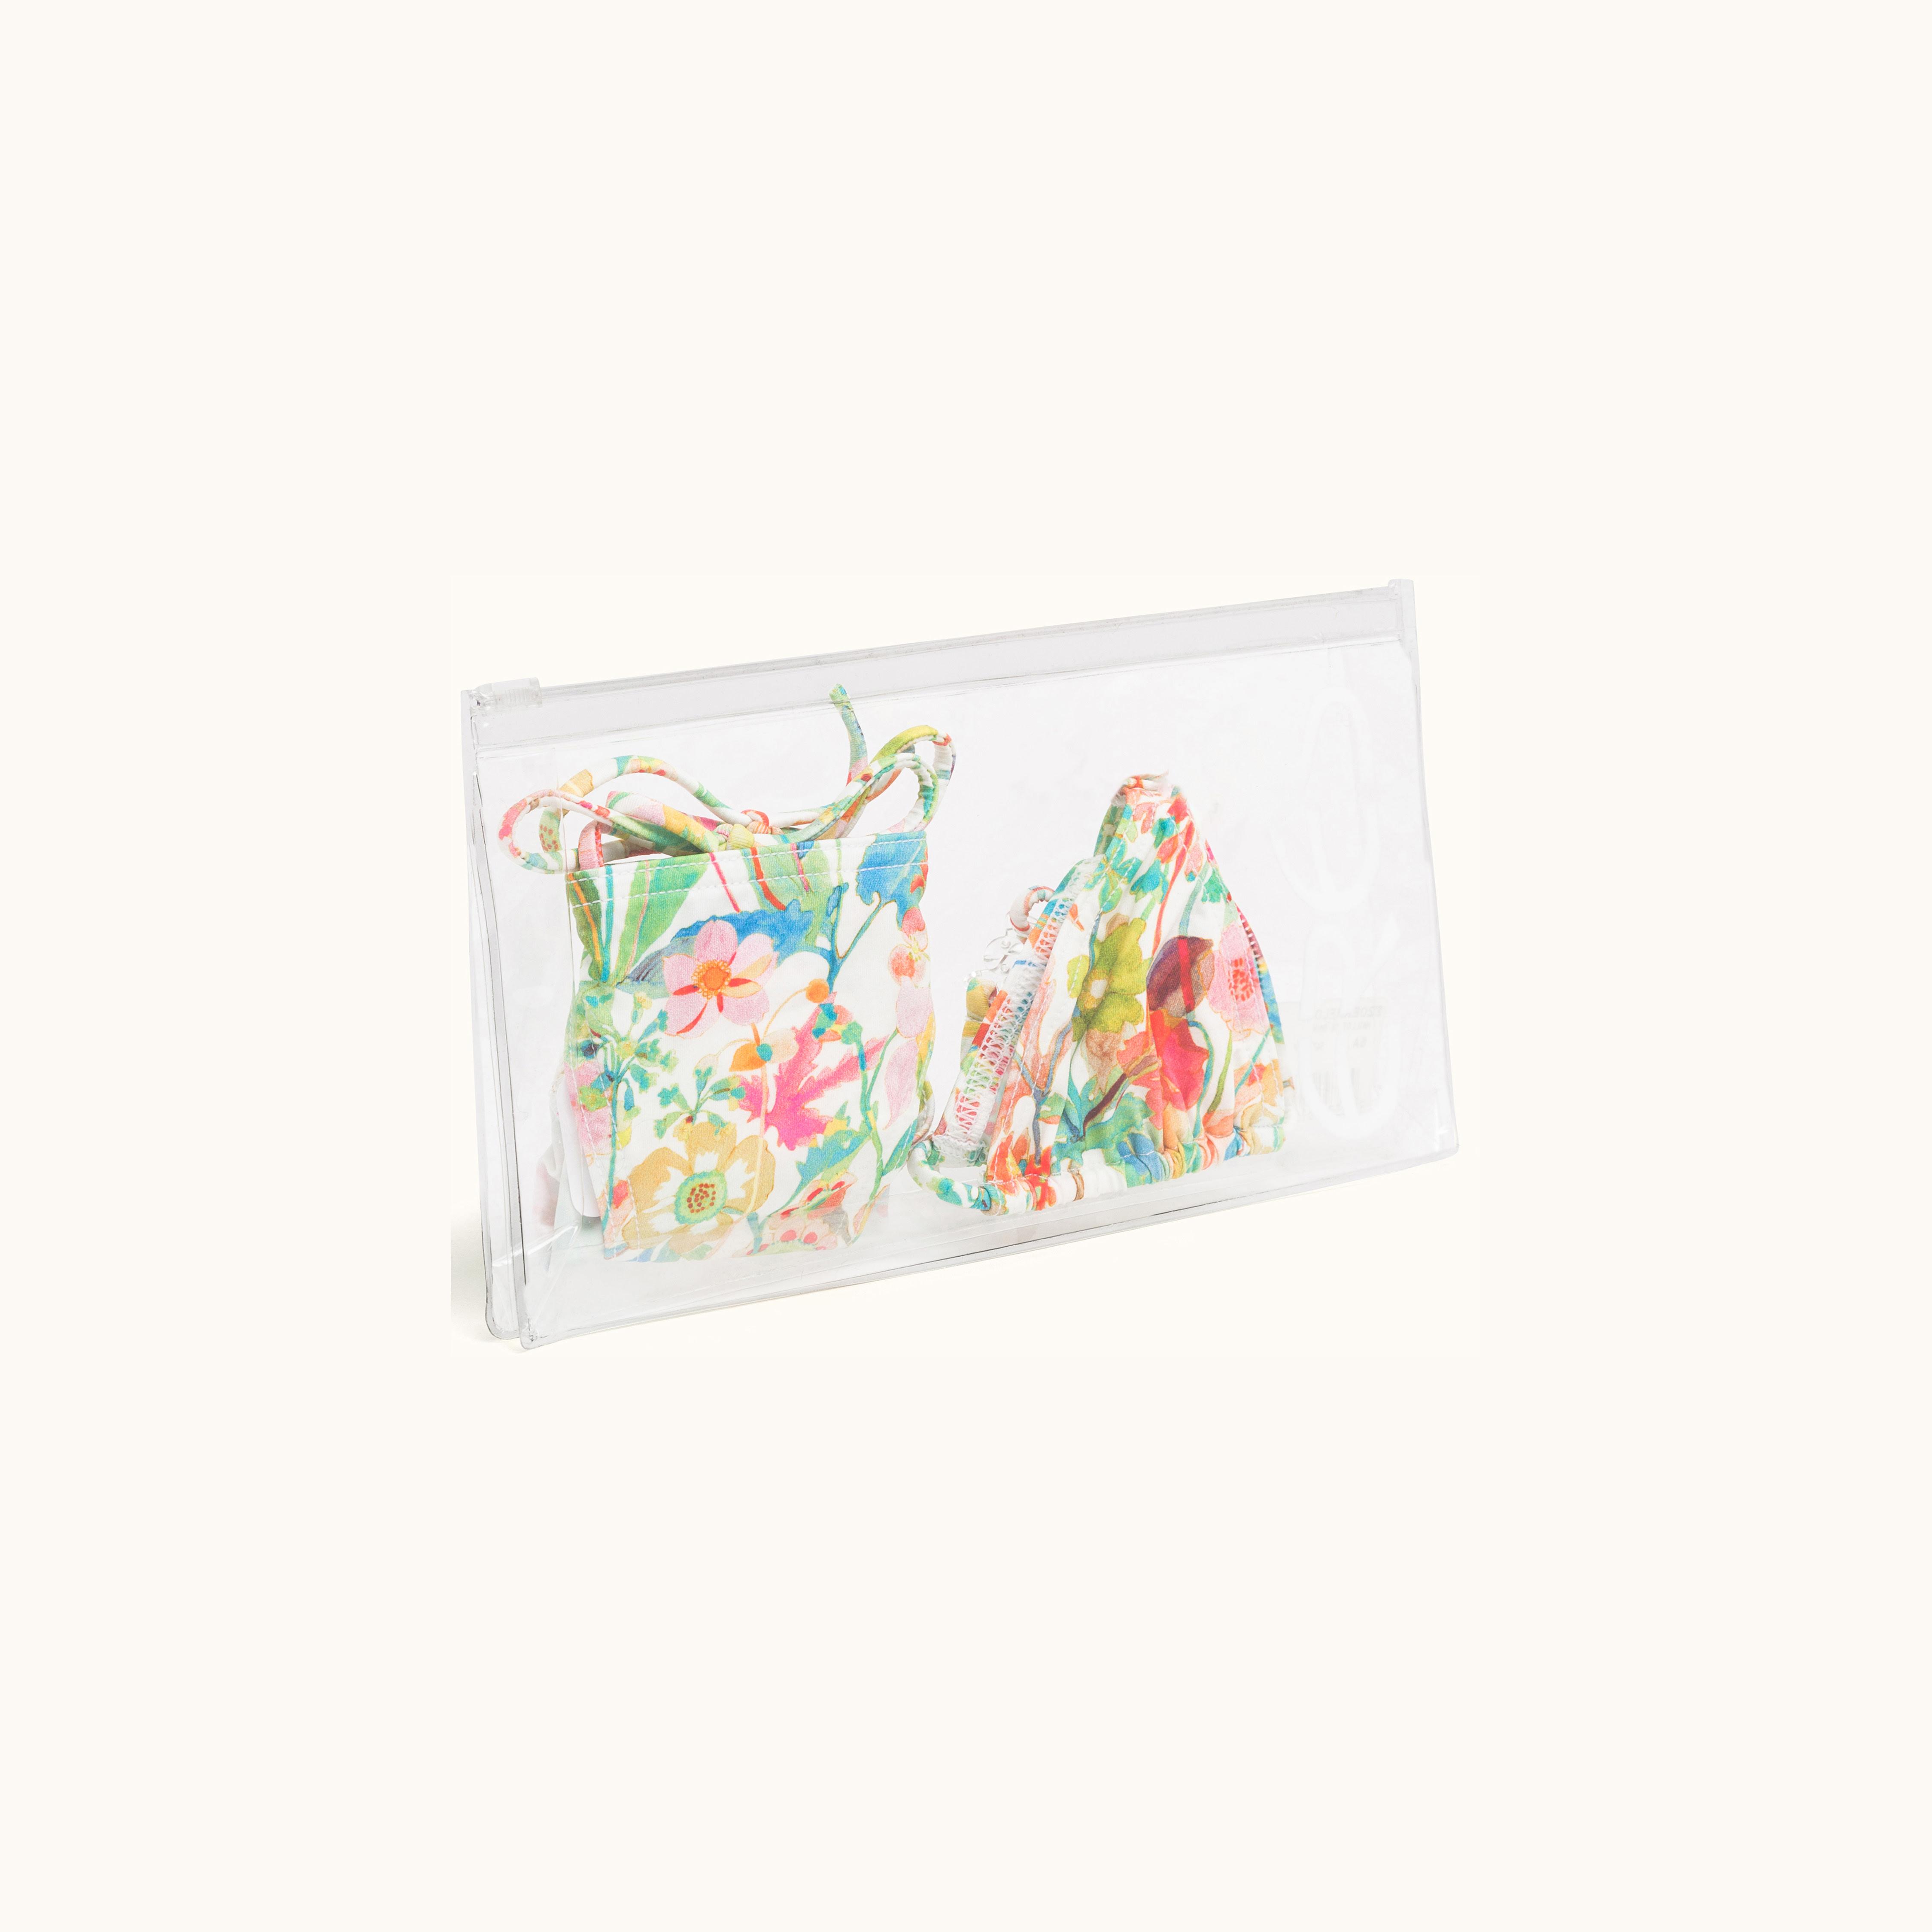 234c7db1 3628 4600 8508 cacf3a464b32 - Eres y Bonpoint colaboran en una colección de  ropa de baño para niñas y madres